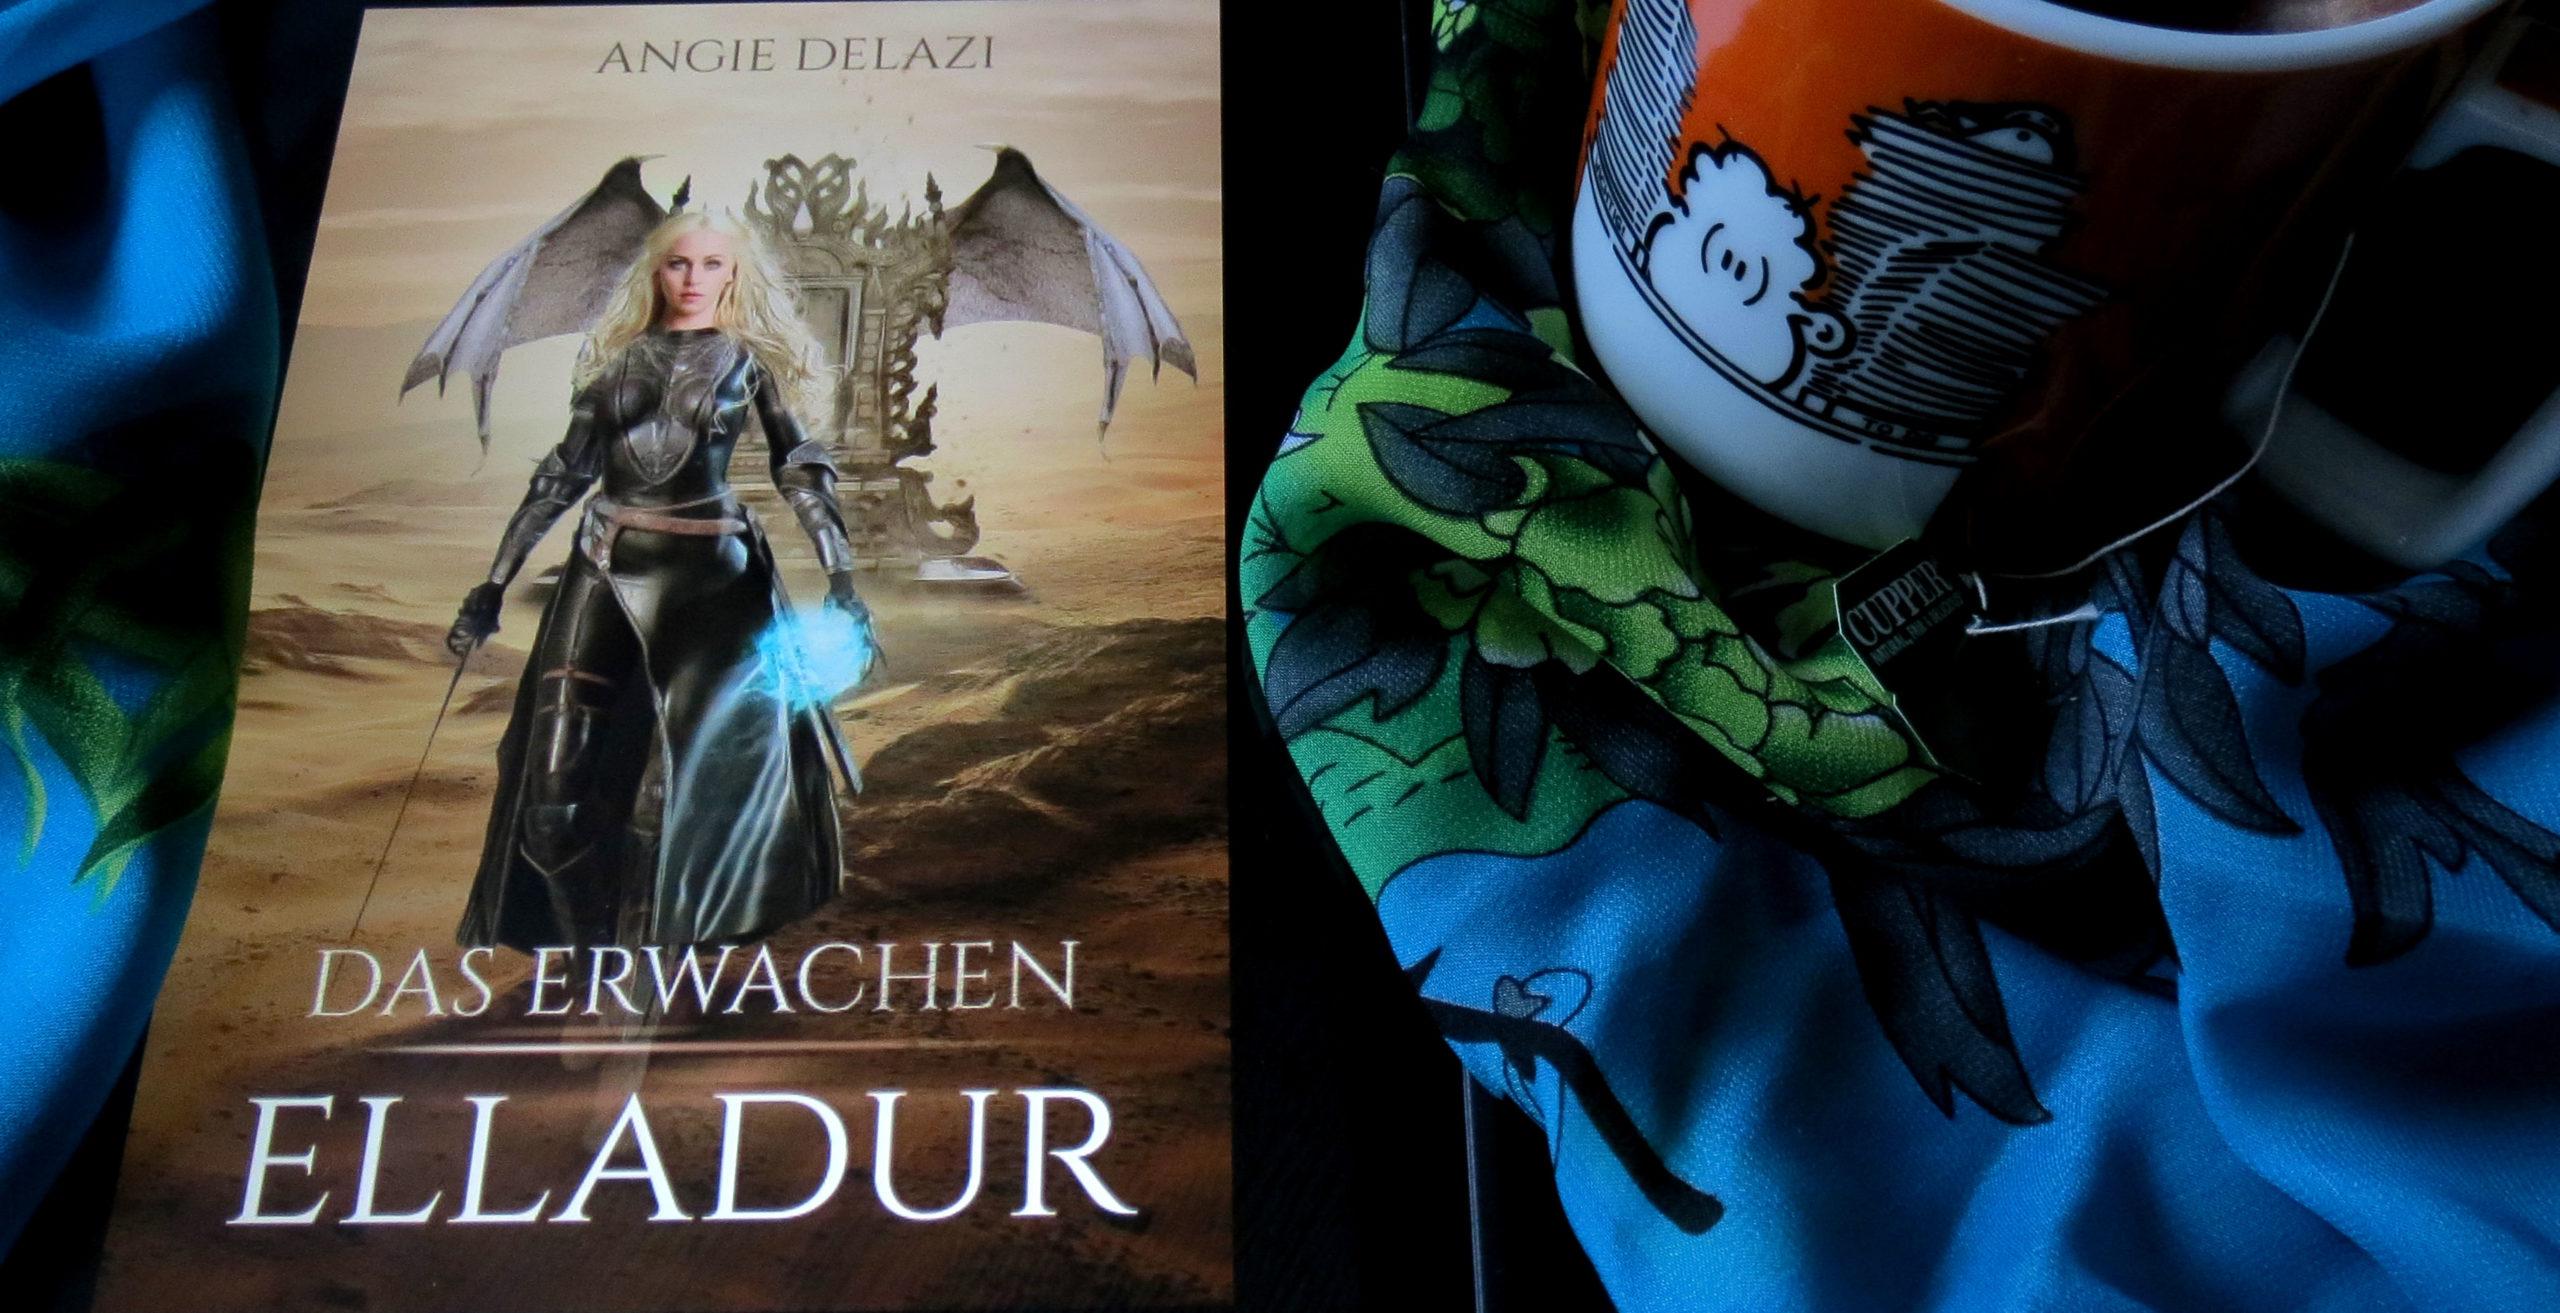 """Ein Tablet mit dem E-Book-Cover von Angi Delazis """"Elladur: Das Erwachen"""". Daneben ist ein Teil einer gefüllten Teetasse zu sehen. Im Hintergrund befindet sich ein blaugrünes Tuch mit floralem Muster."""